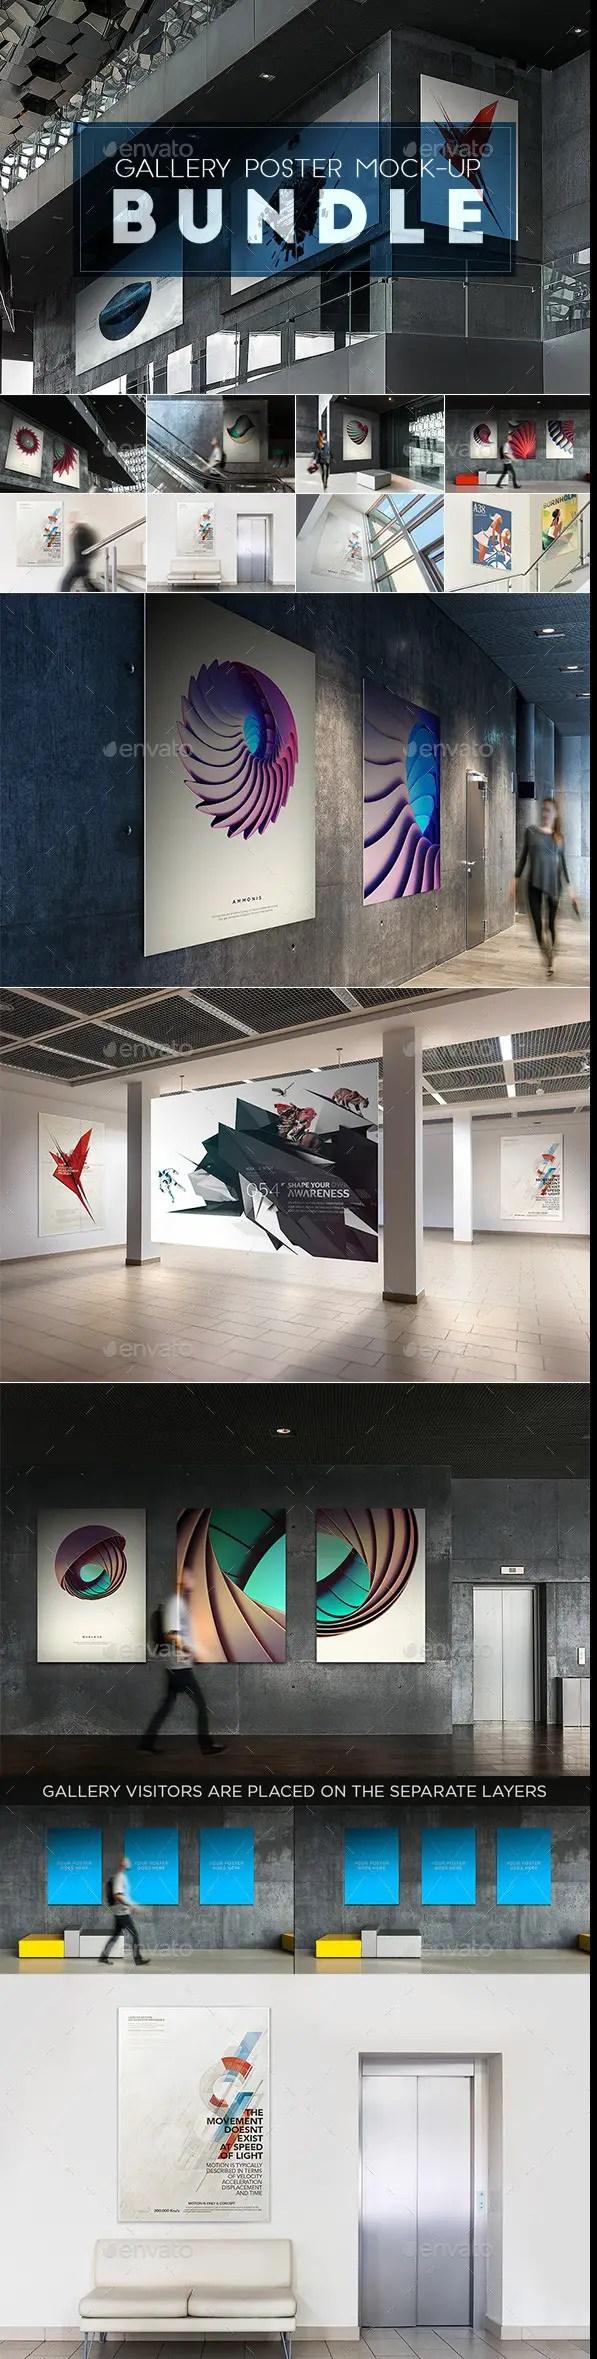 Gallery Poster Mock-Up Bundle